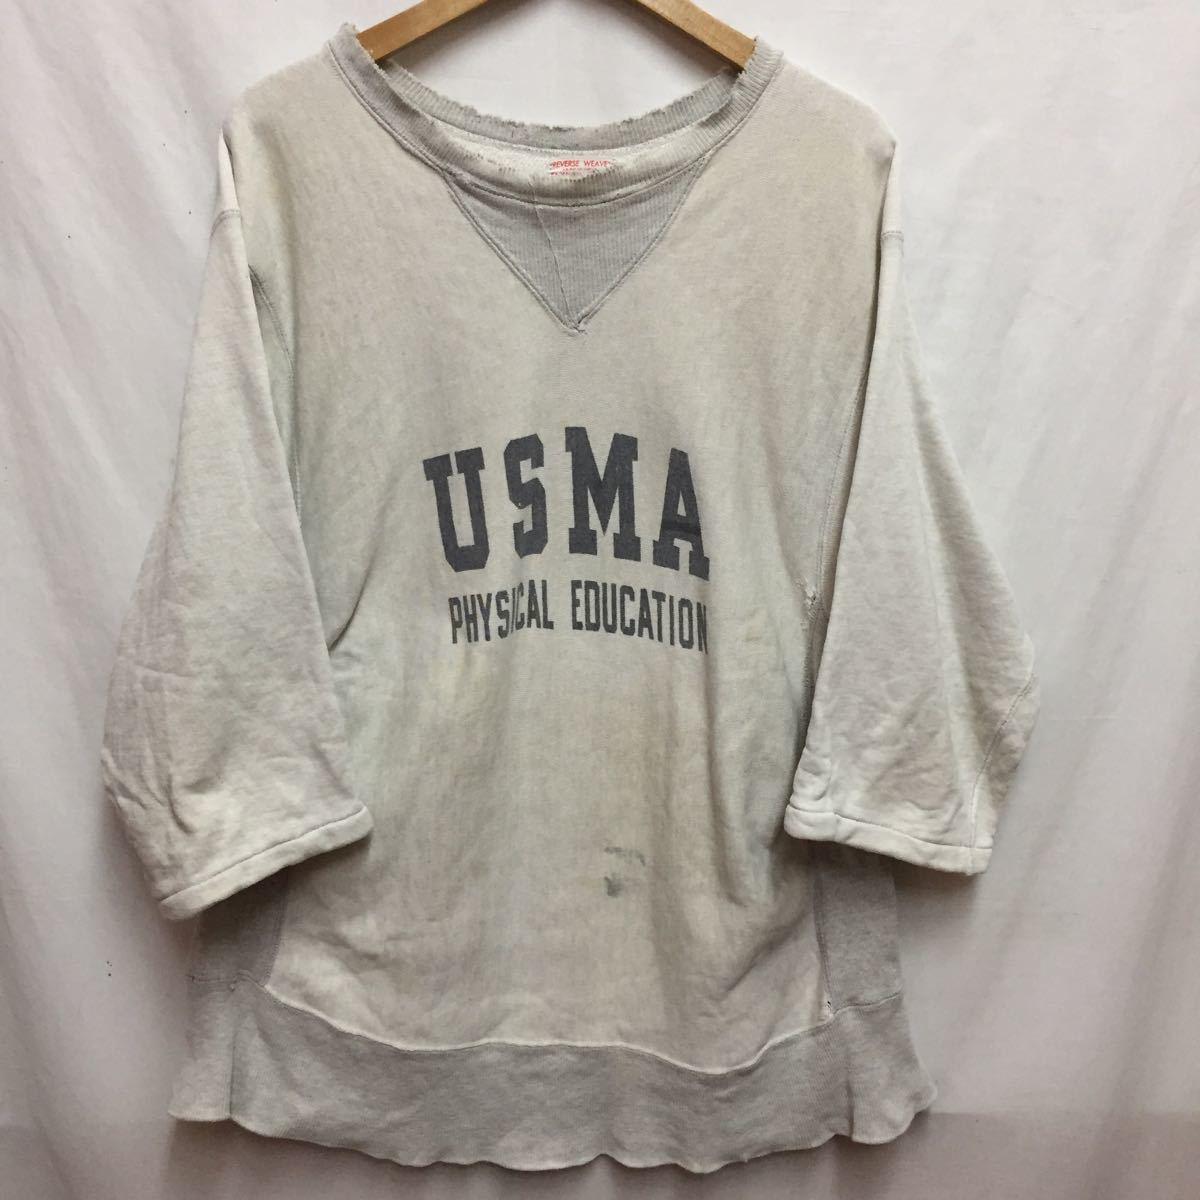 Champion チャンピオン リバースウィーブ ヴィンテージ タタキタグ中期 USMA 米陸軍士官学校 ダメージあり